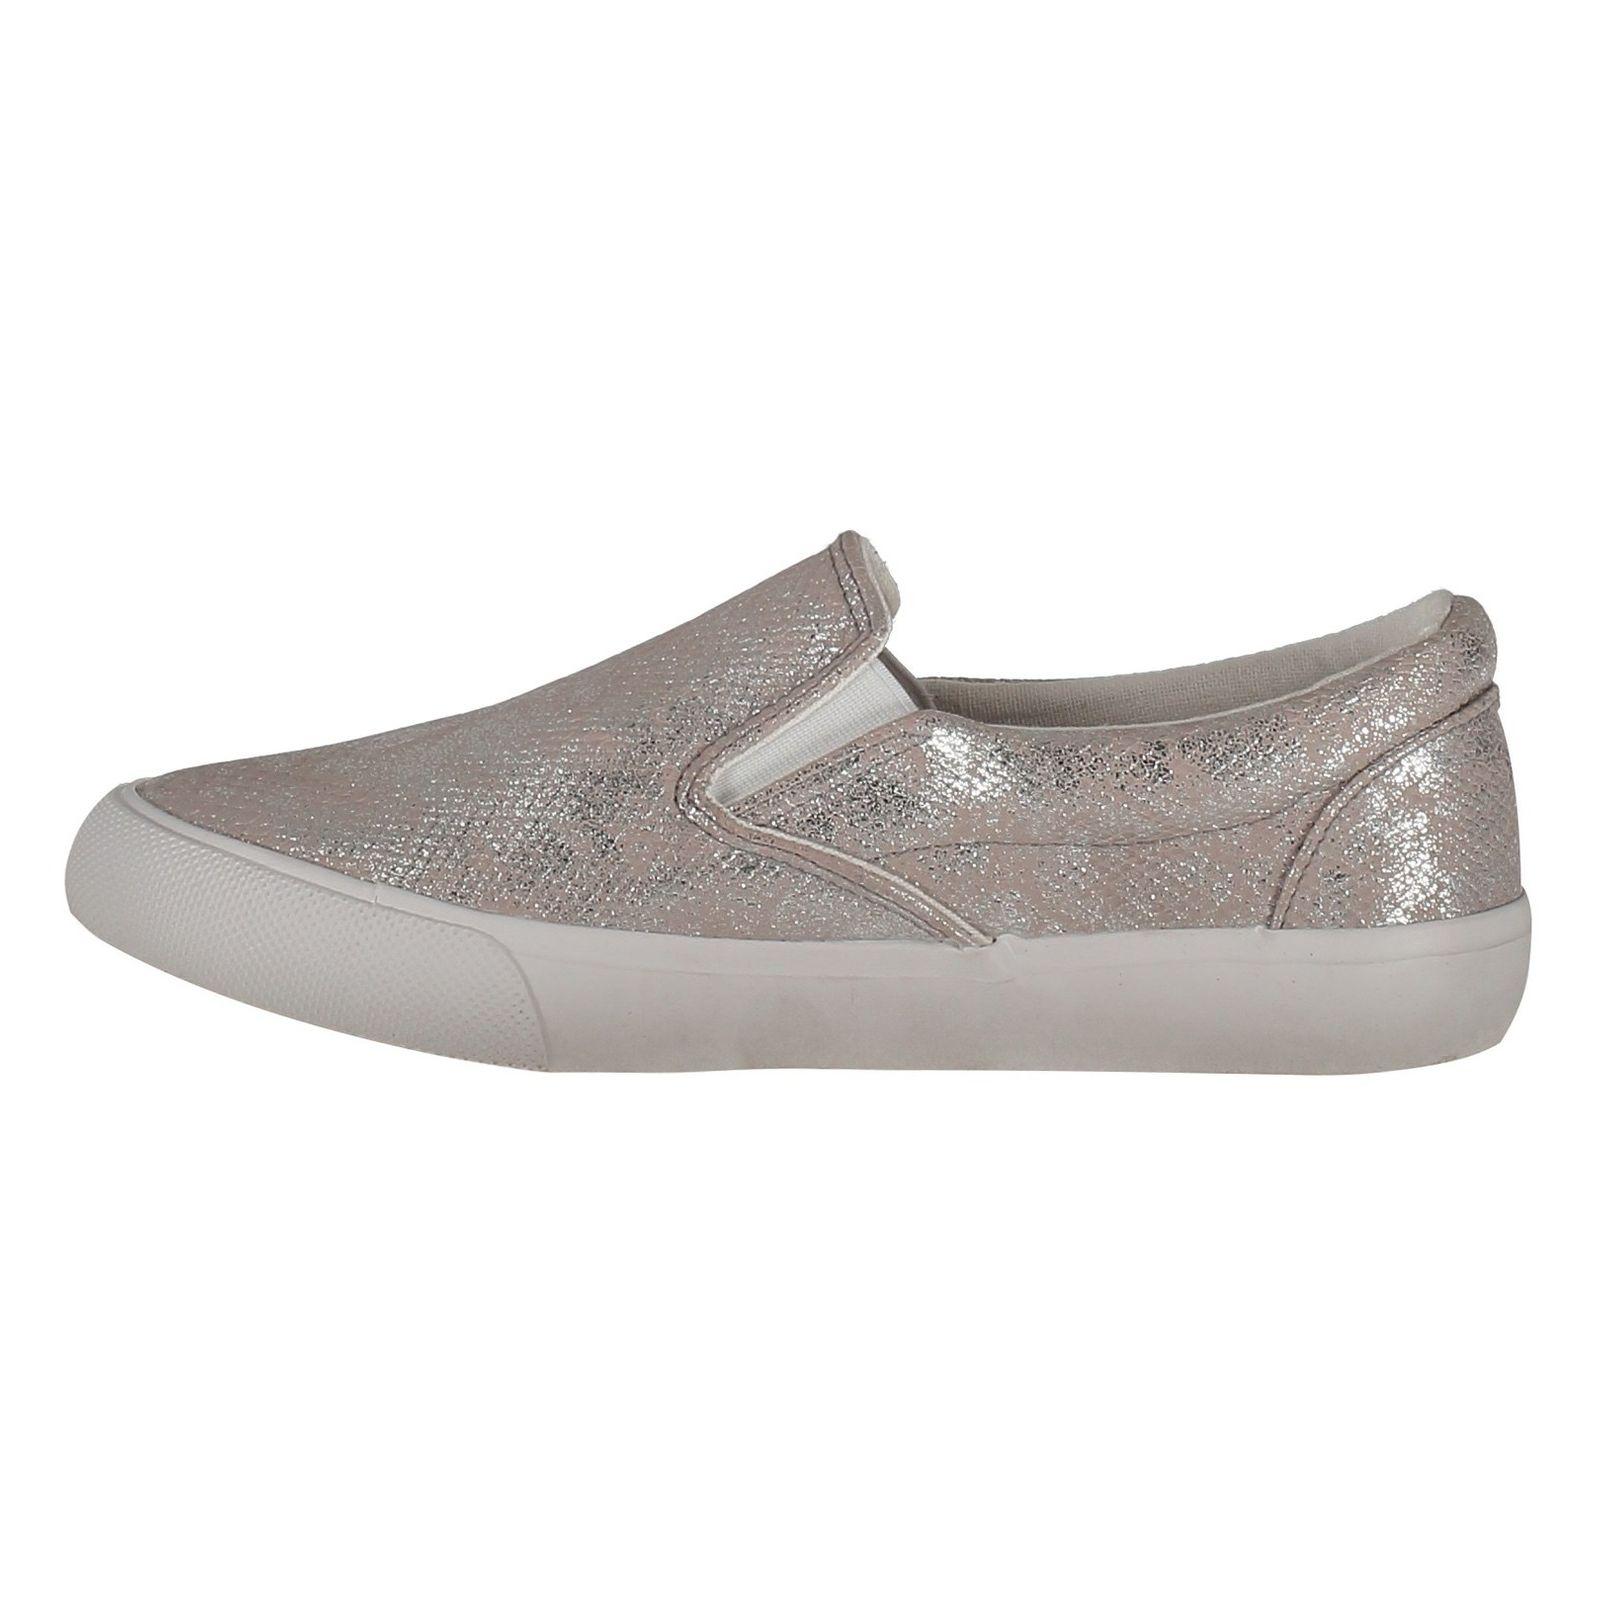 کفش تخت پارچه ای زنانه - نیو لوک - نقره اي - 3